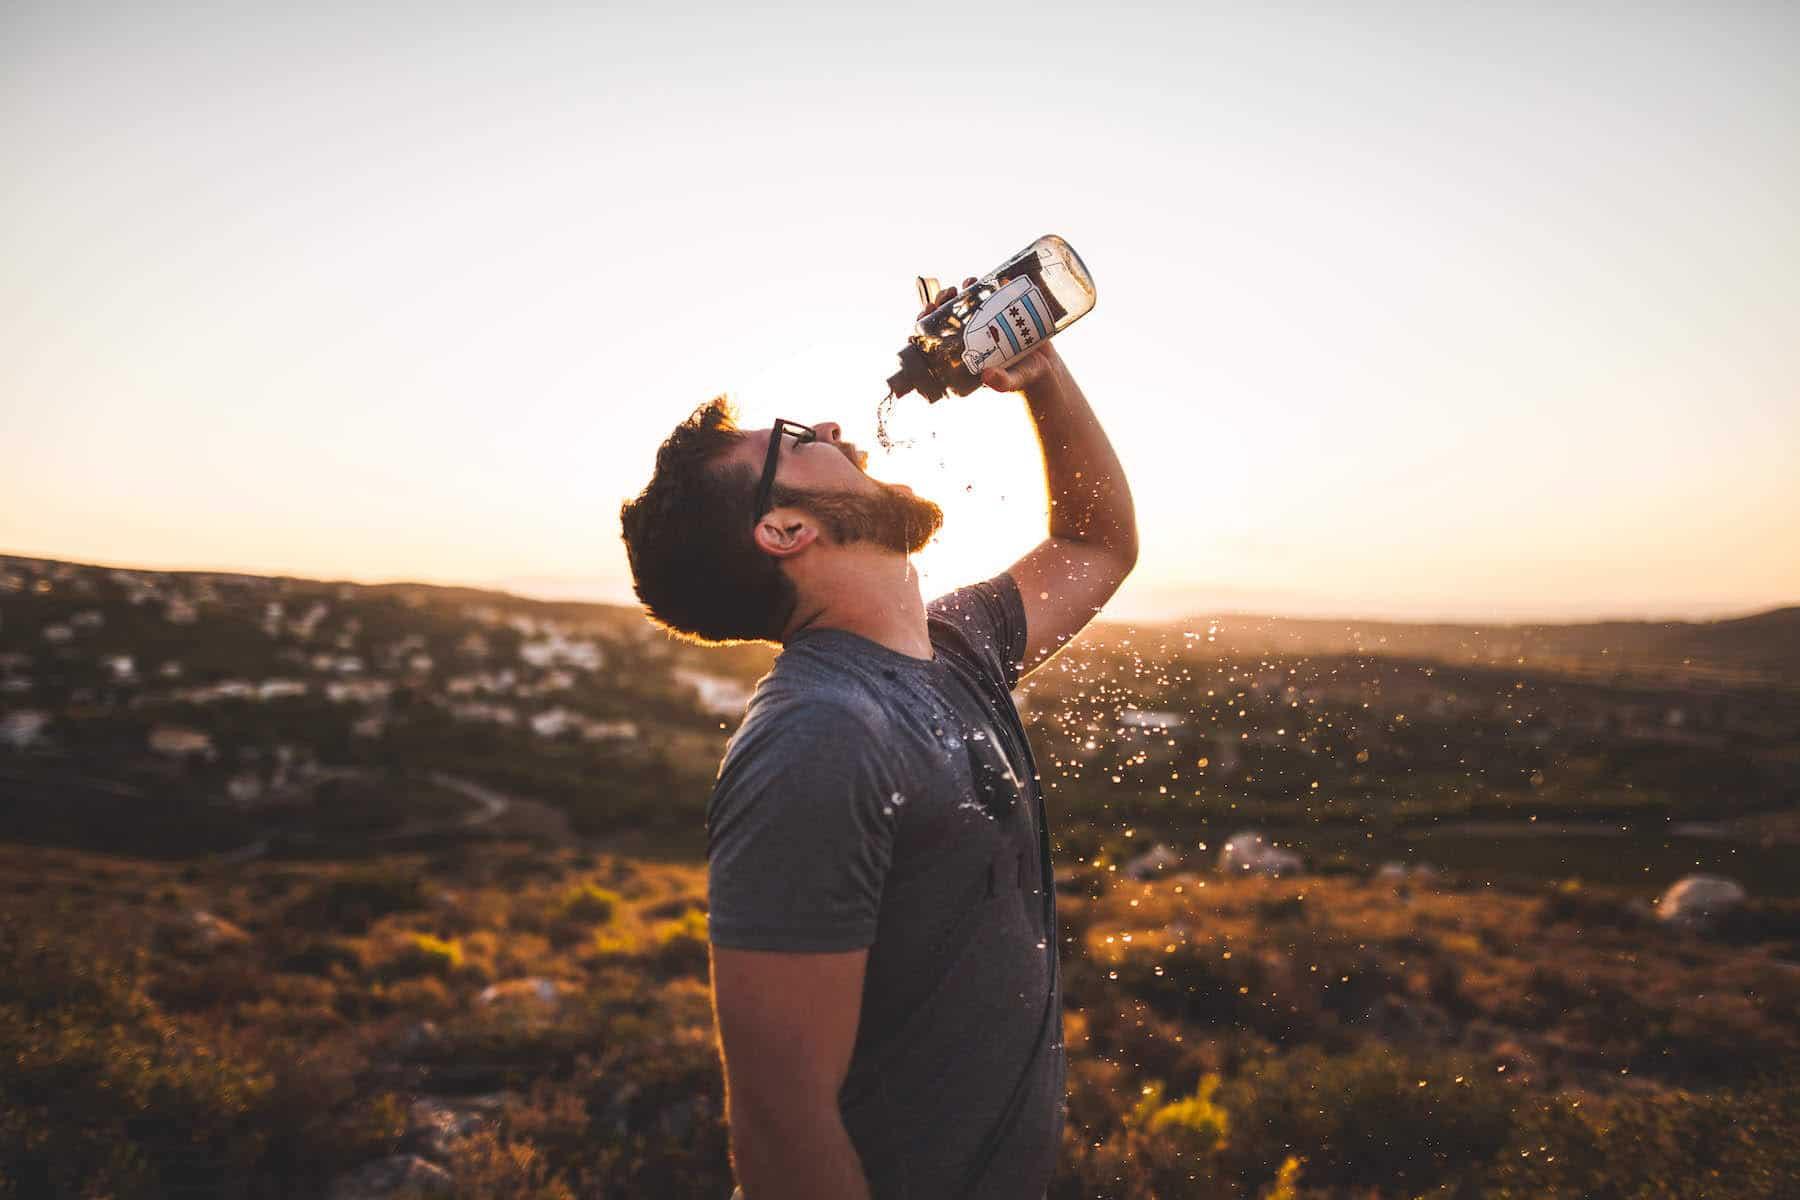 Trinken pro Tag und effektive Trinktipps